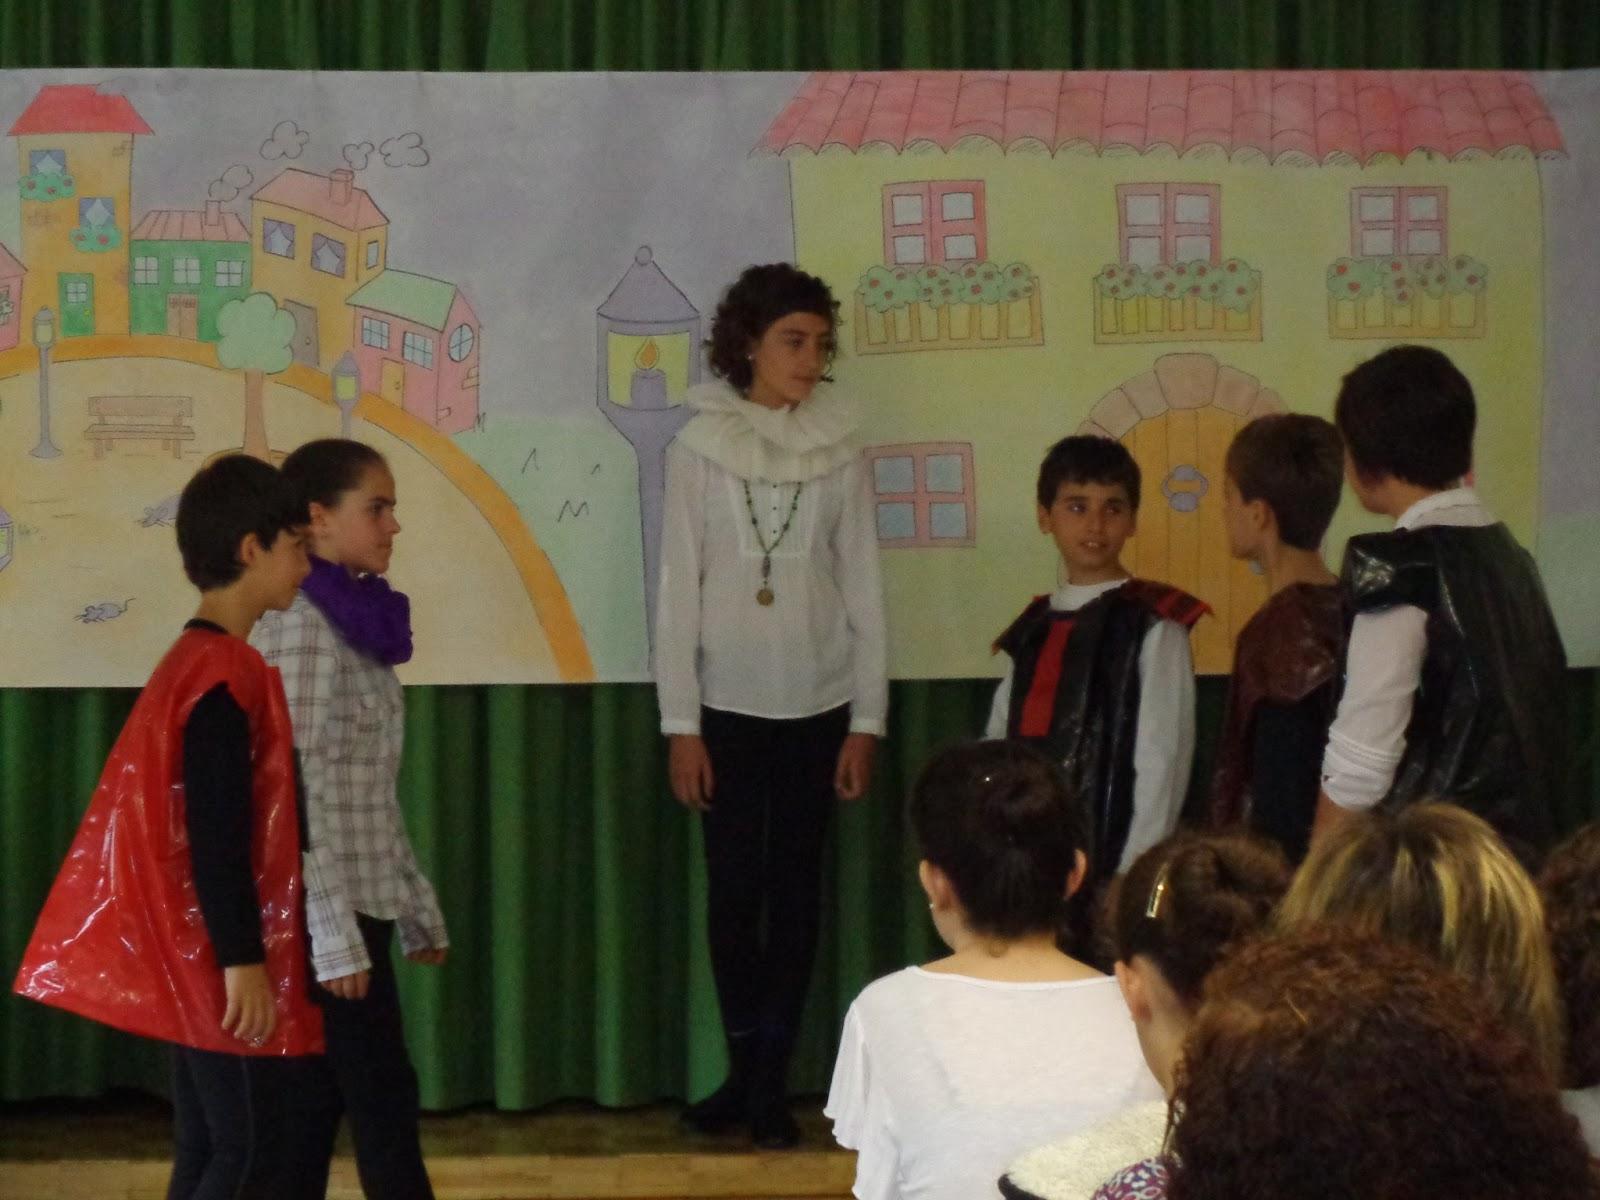 Colegio amor de dios burlada the pied piper - Colegio amor de dios oviedo ...